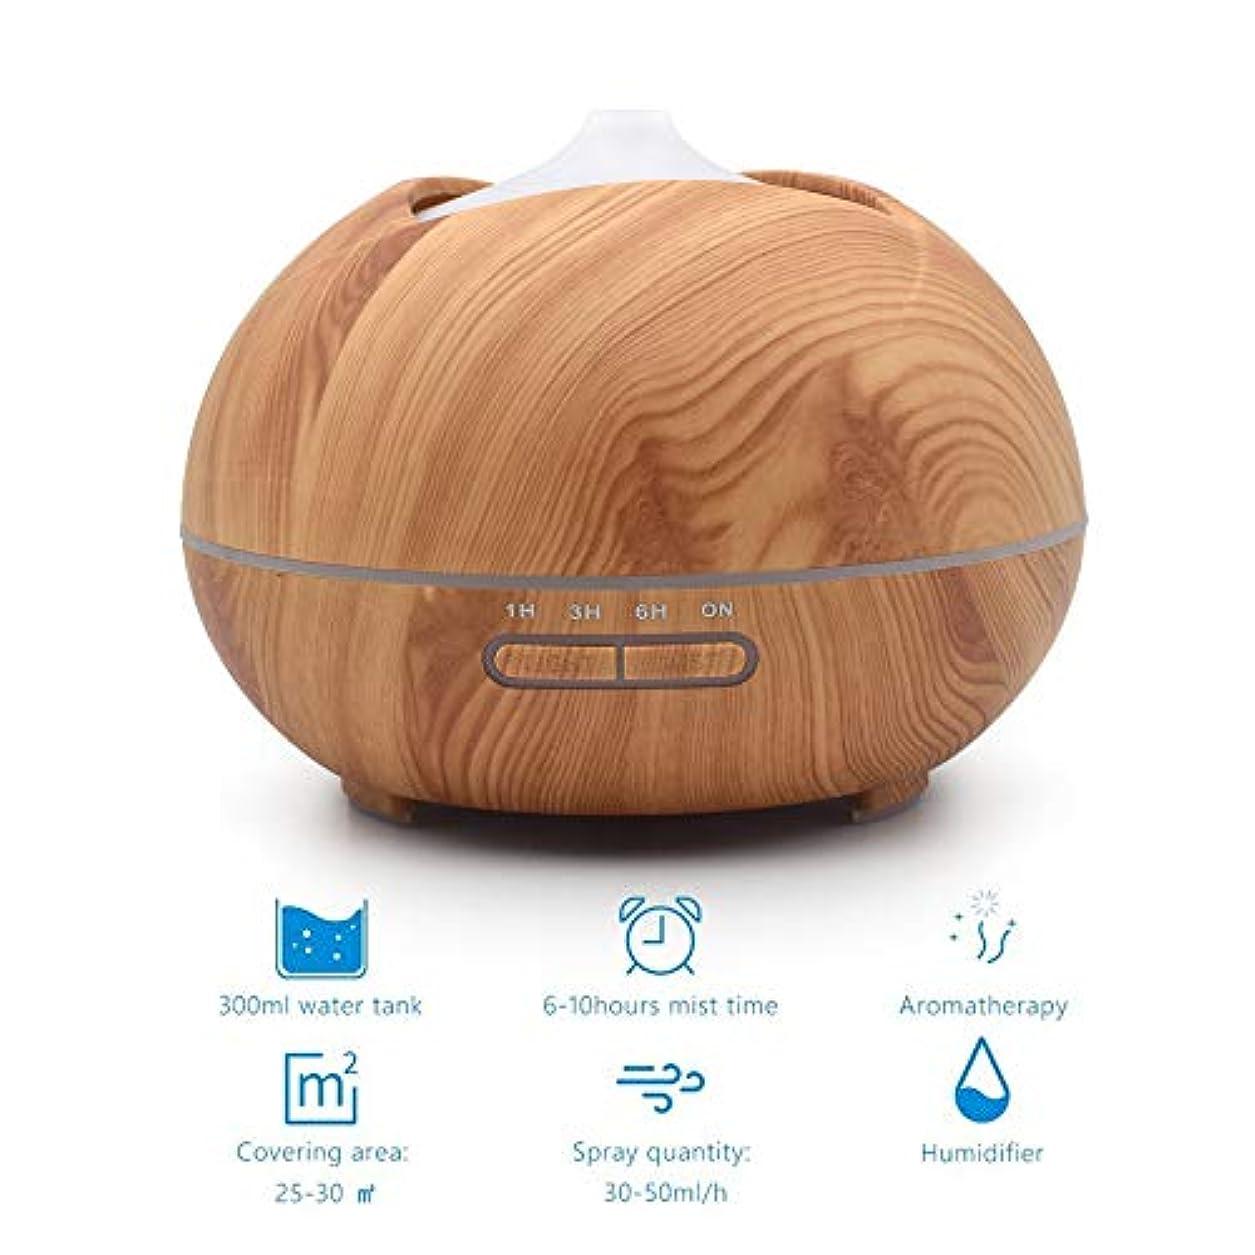 鋸歯状倒産大気木目クールミスト加湿器、500ミリリットルアロマセラピーディフューザー付き2ミストモードささやき静かな加湿器用寝室、ホーム、オフィス,lightwoodgrain